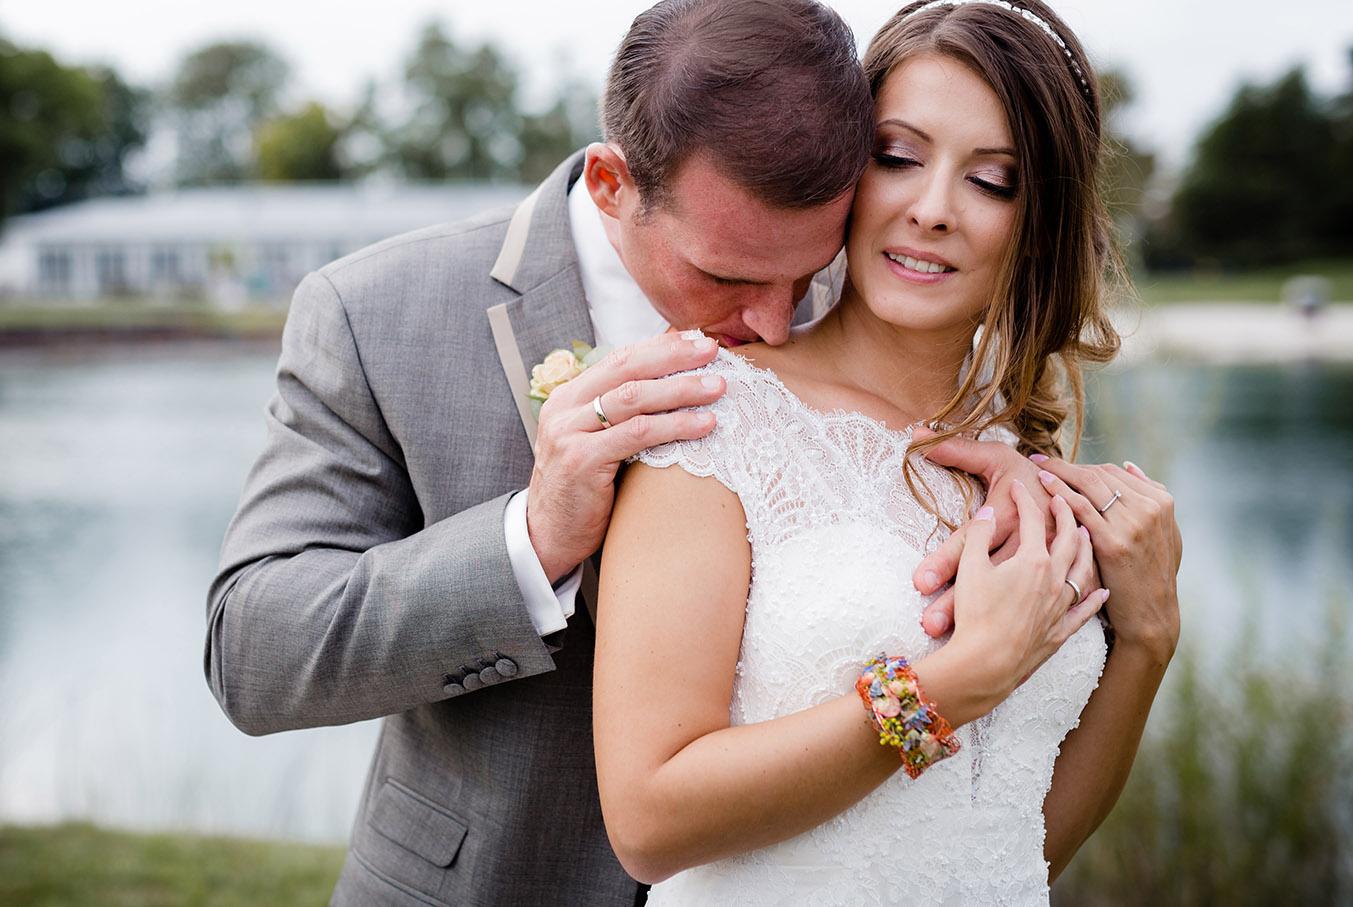 Vienna_Wien_Atzenbrugg_Hochzeit_Paar_Verlobung_Engagement_62